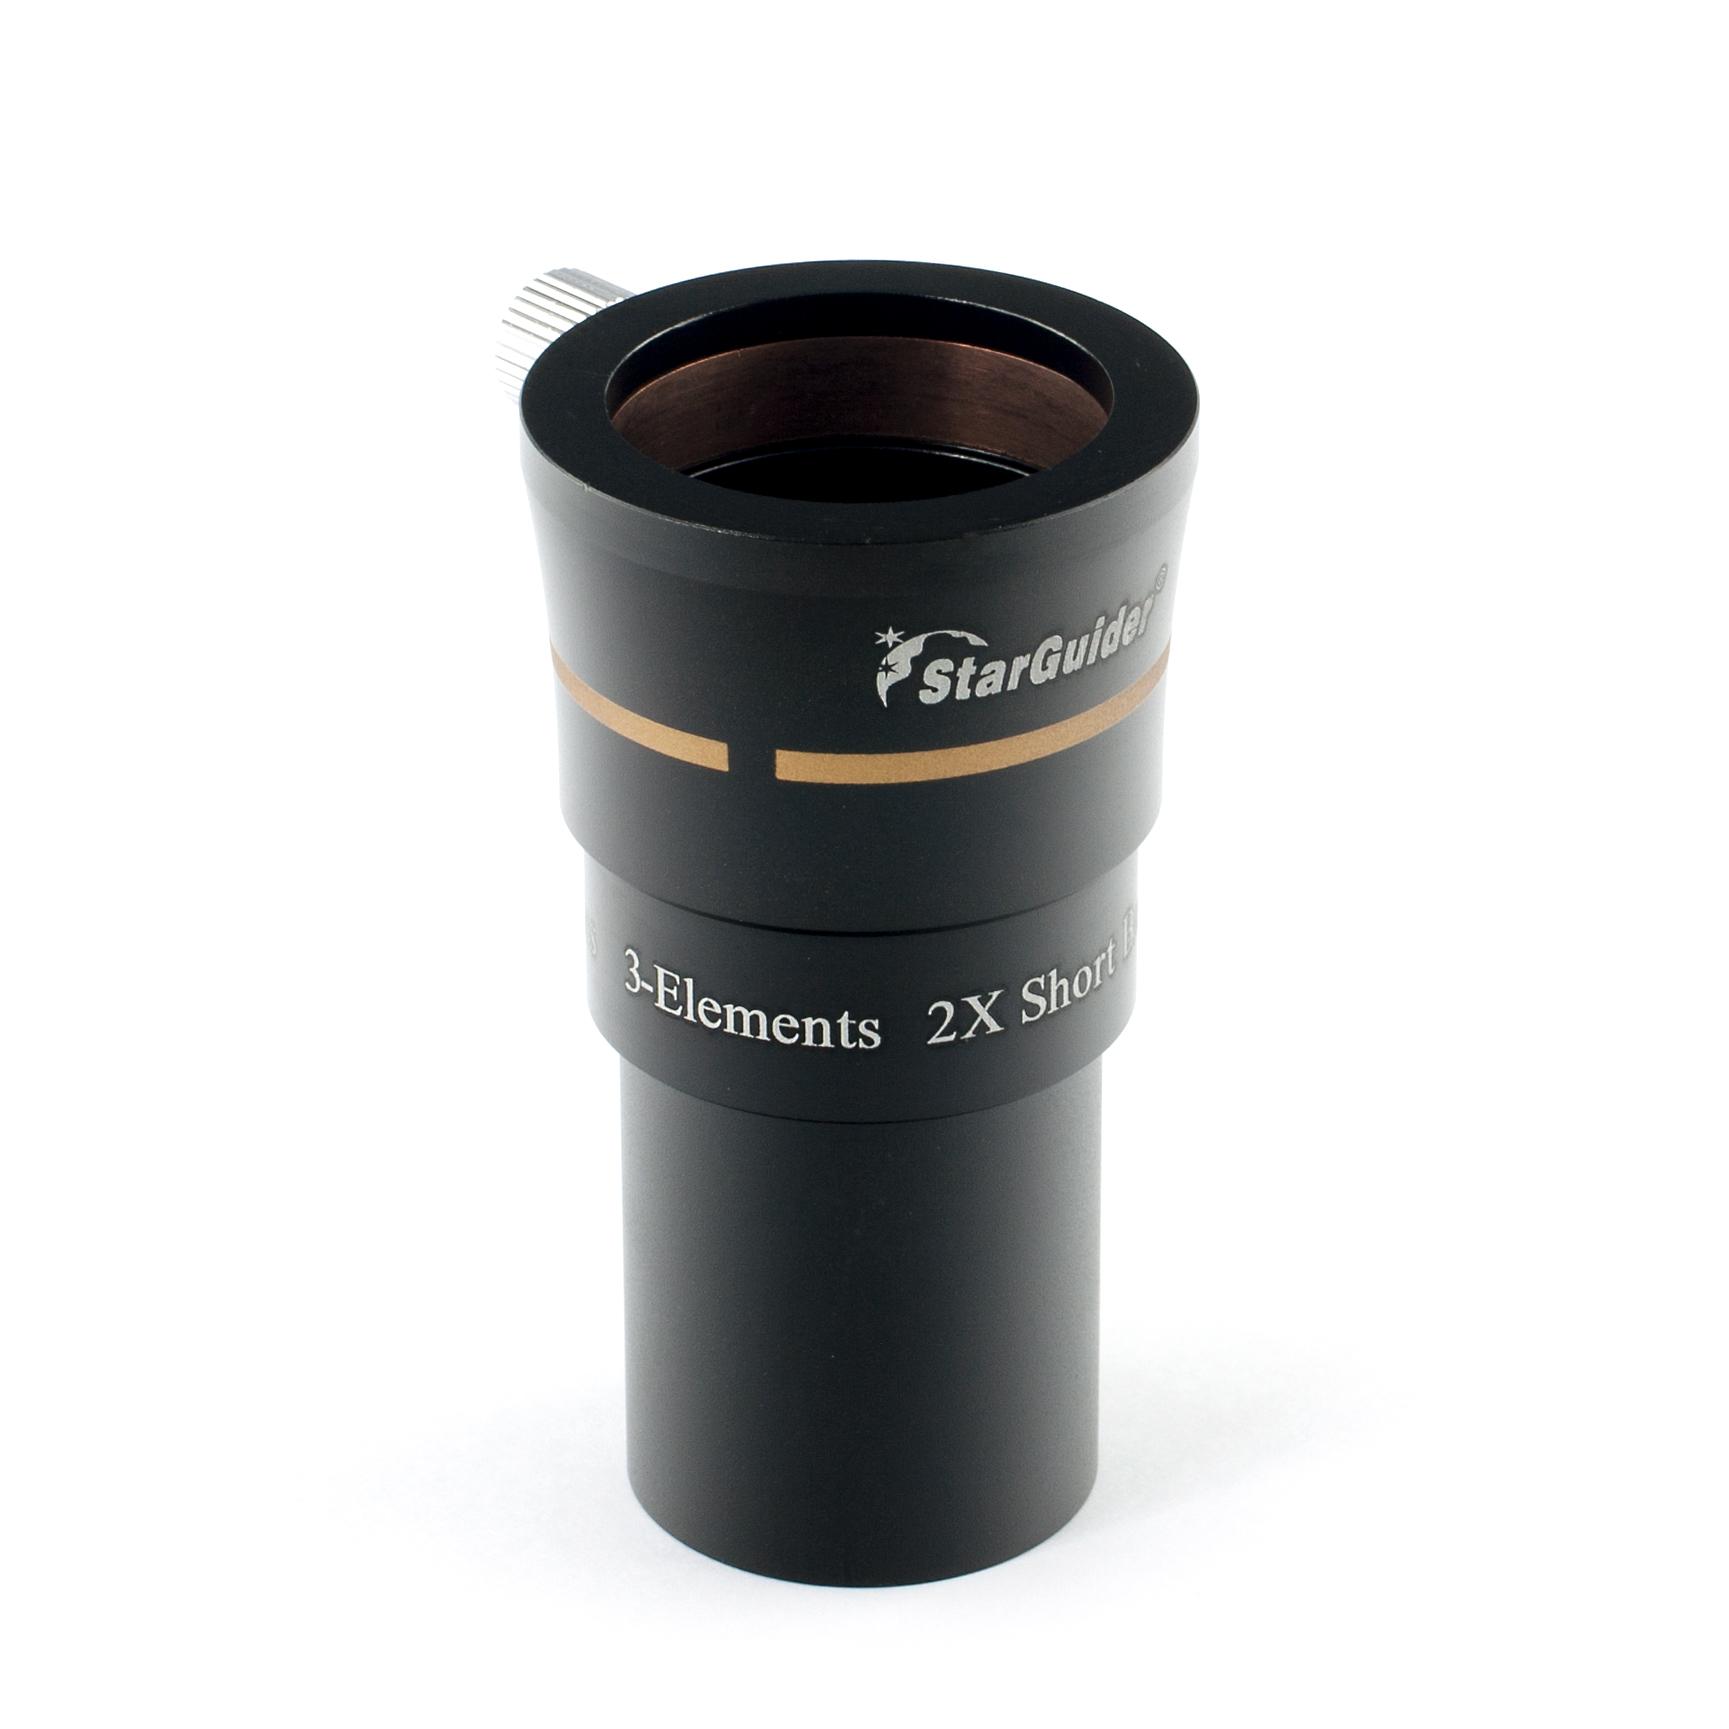 """1.25/"""" 12mm BST starguider Ed ocular"""